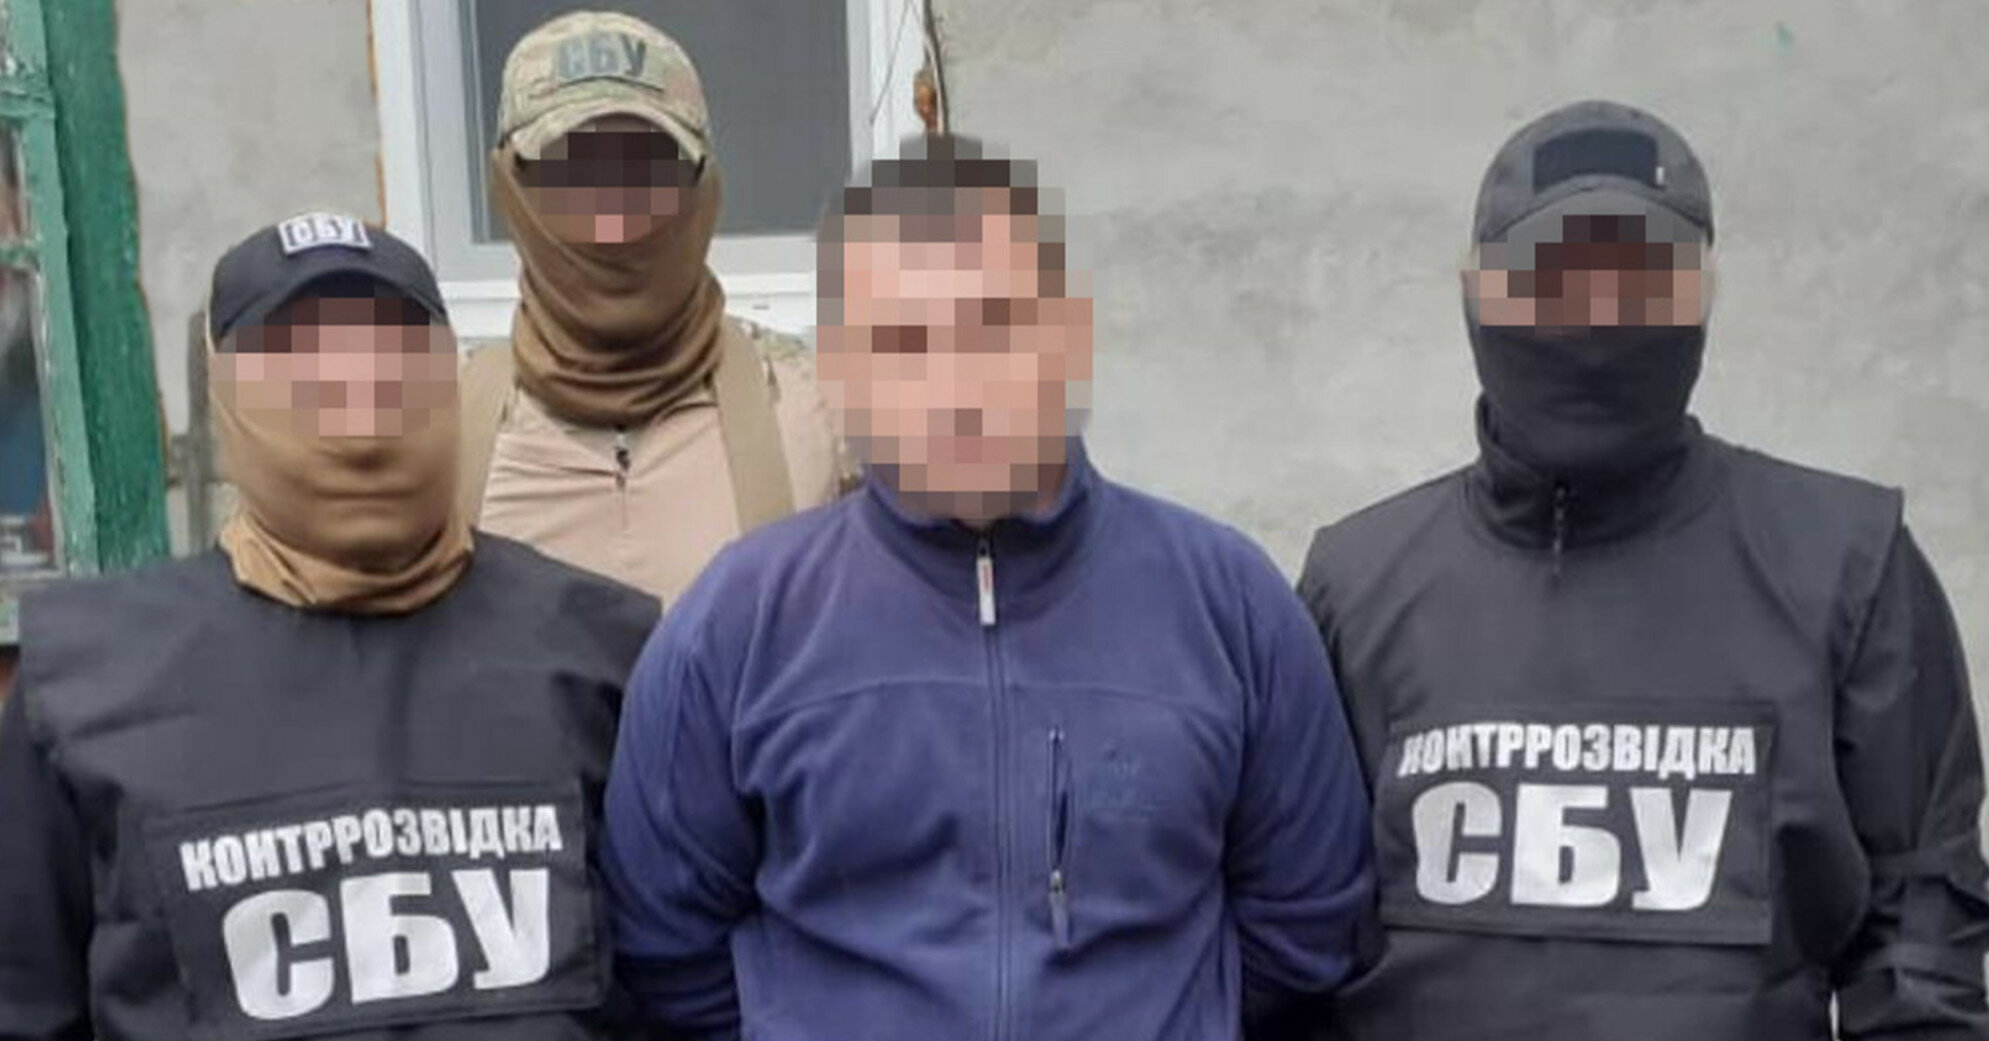 """Контрразведка СБУ задержала агента """"МГБ ДНР"""" под прикрытием"""